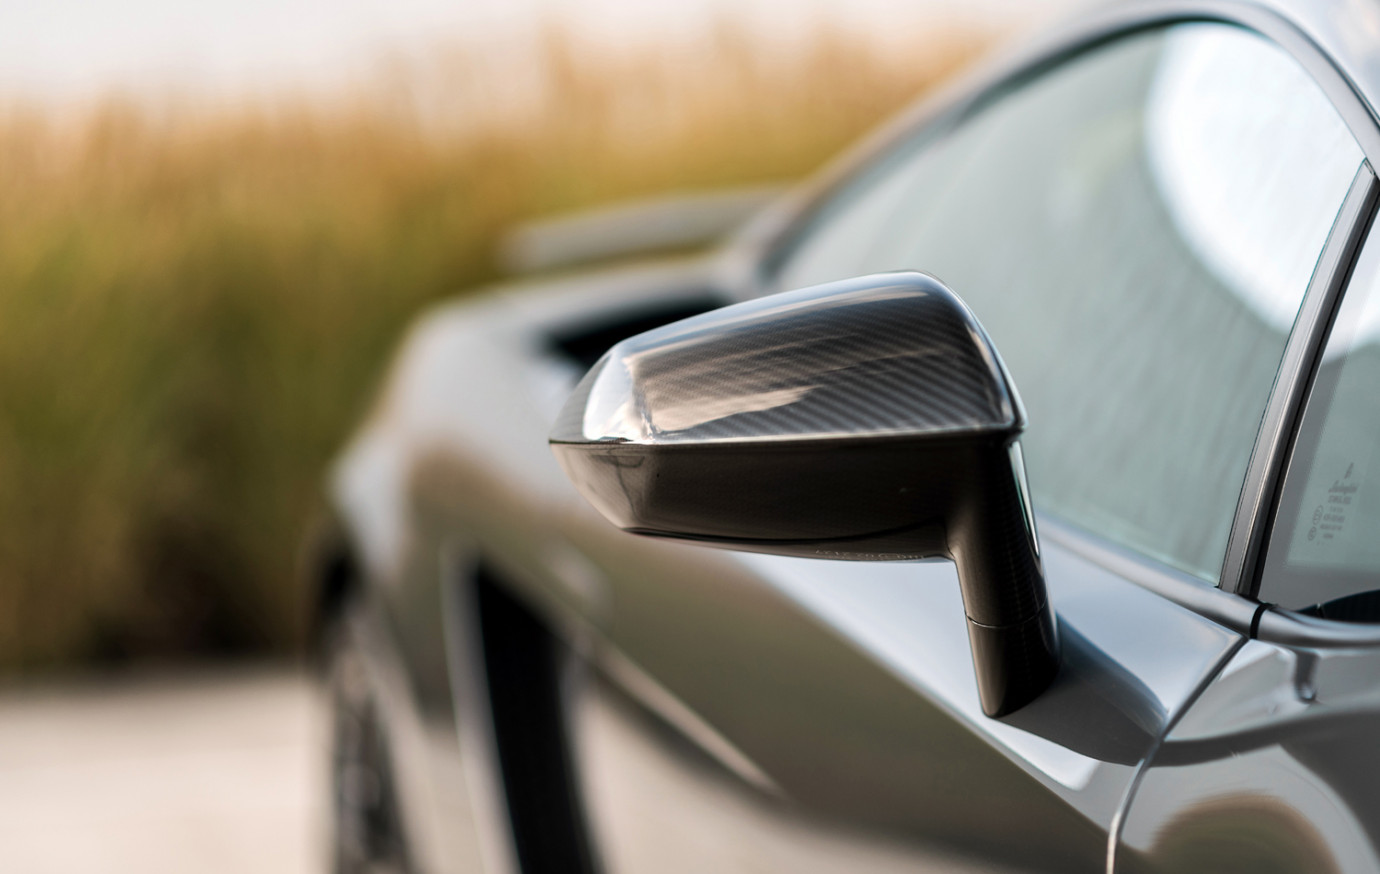 Carista_LamborghiniLP570-4-Superleggera_16